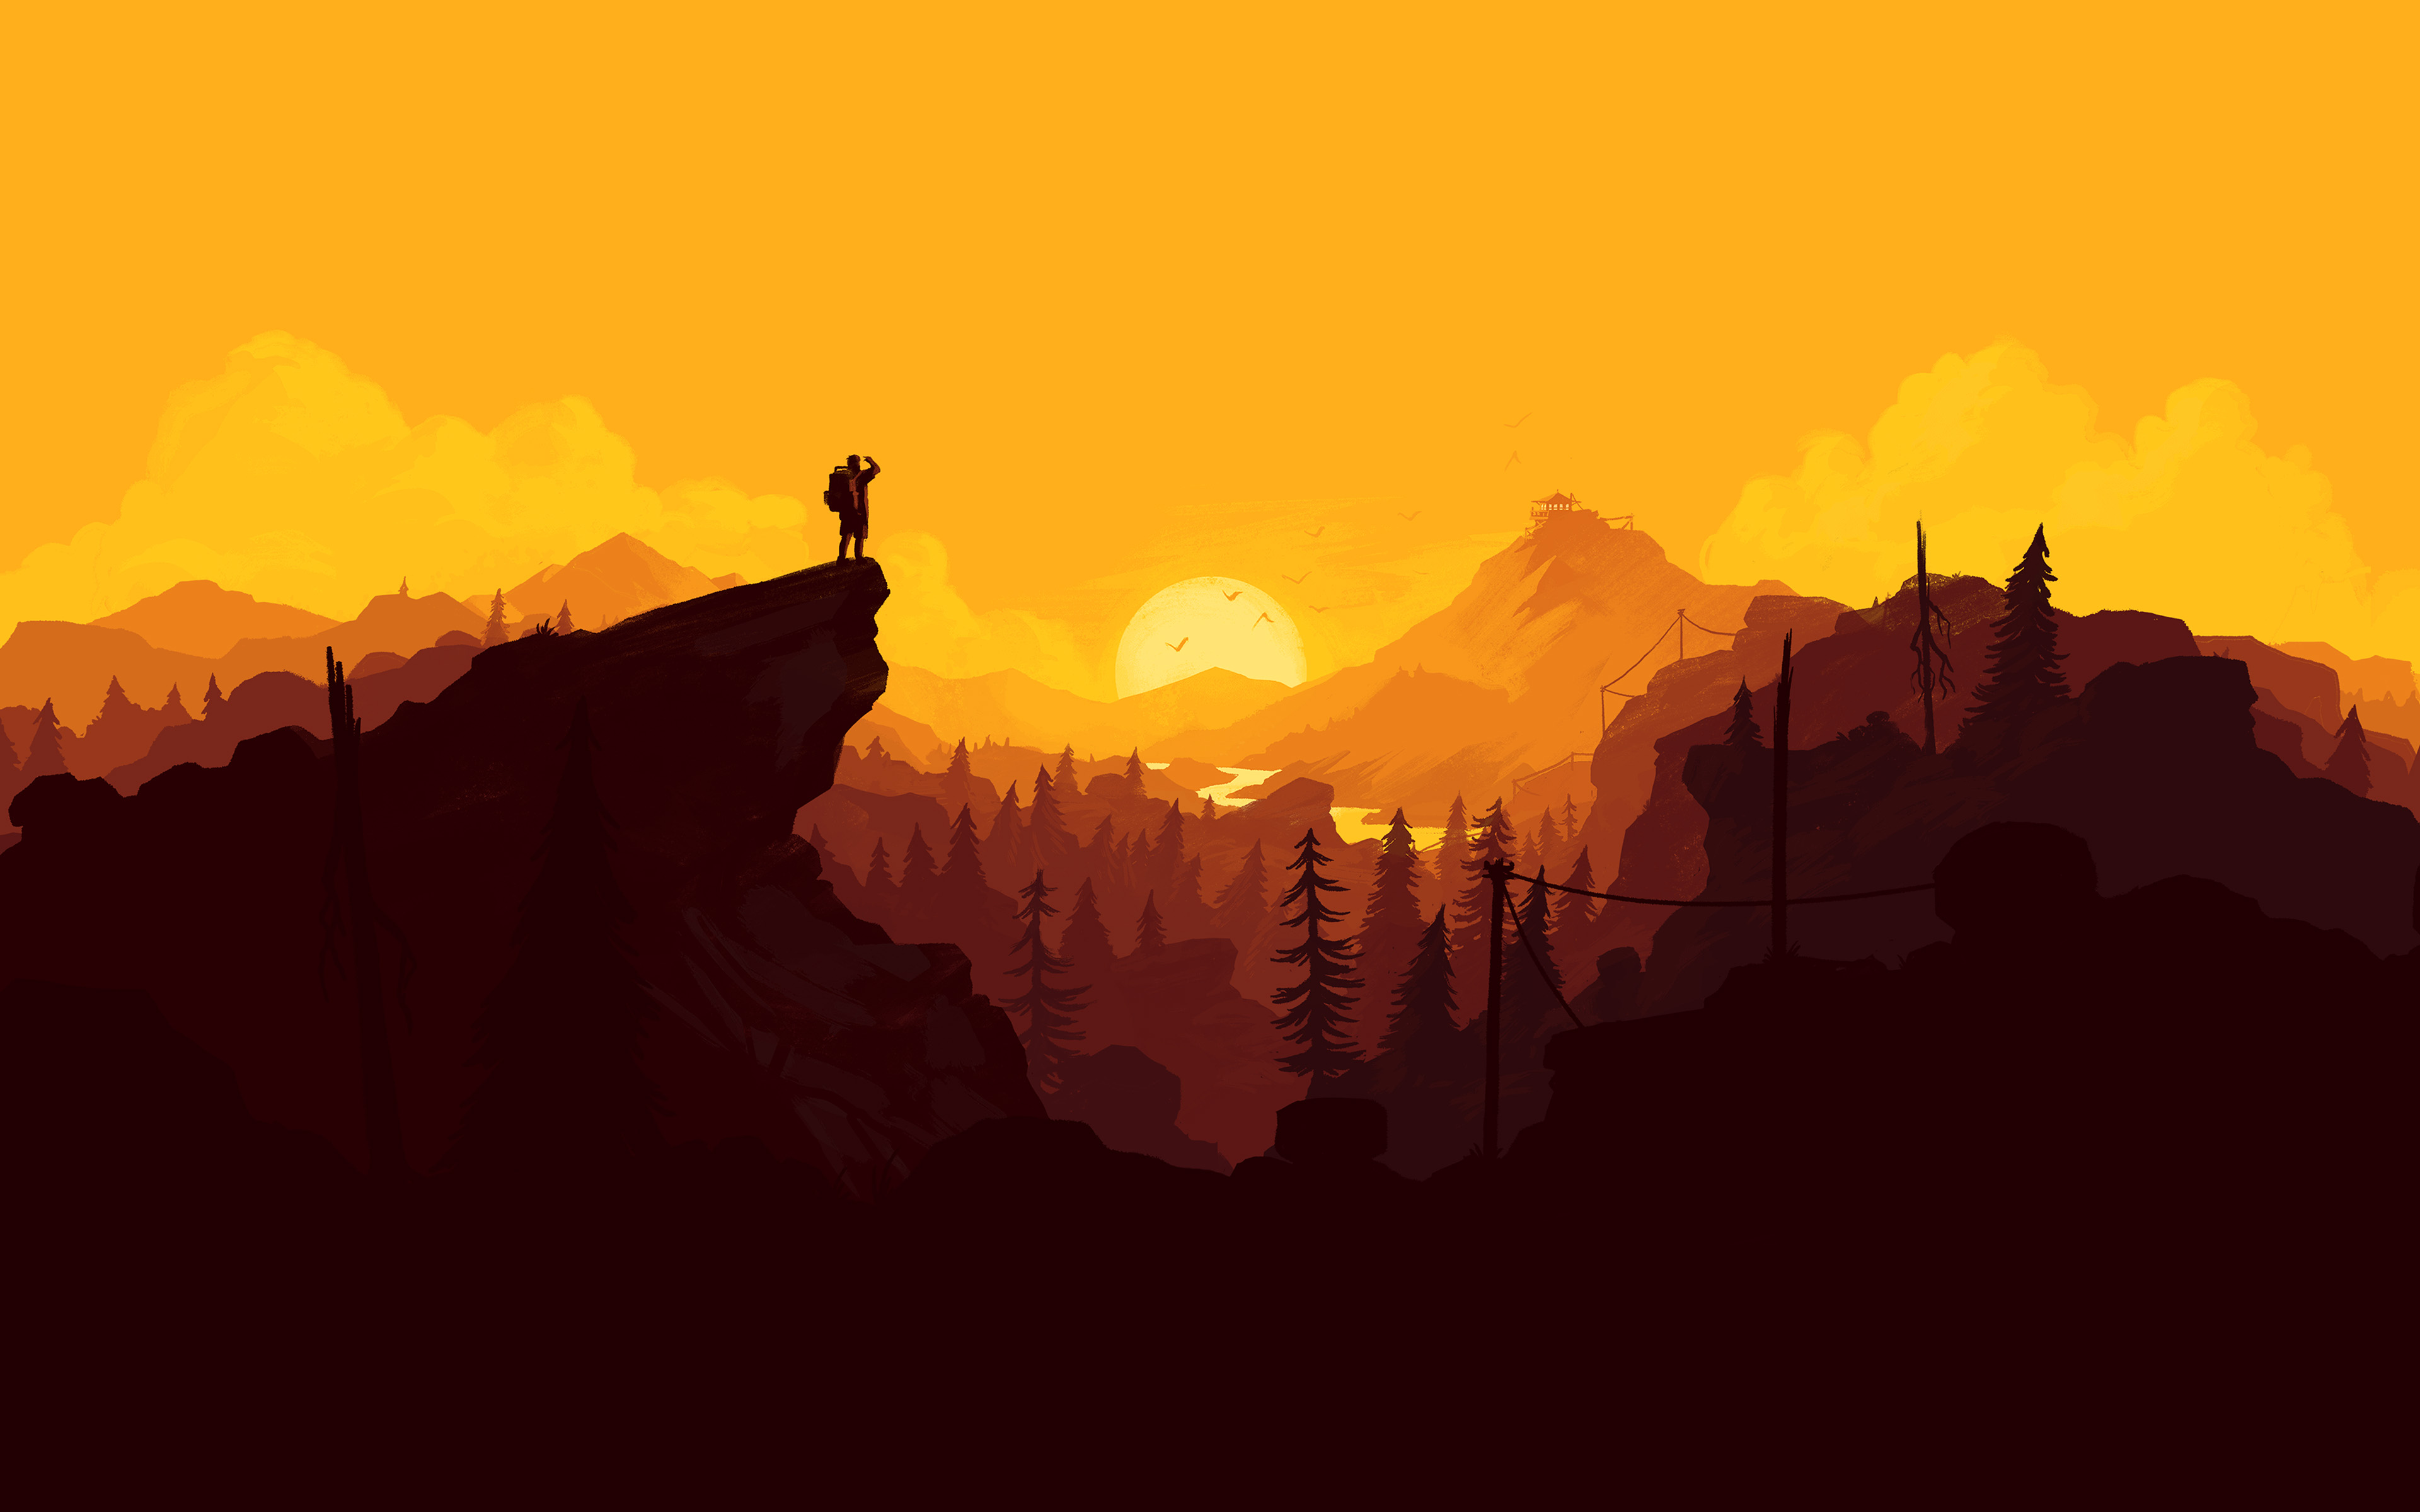 Fondos de pantalla Ilustración Atardecer en el bosque